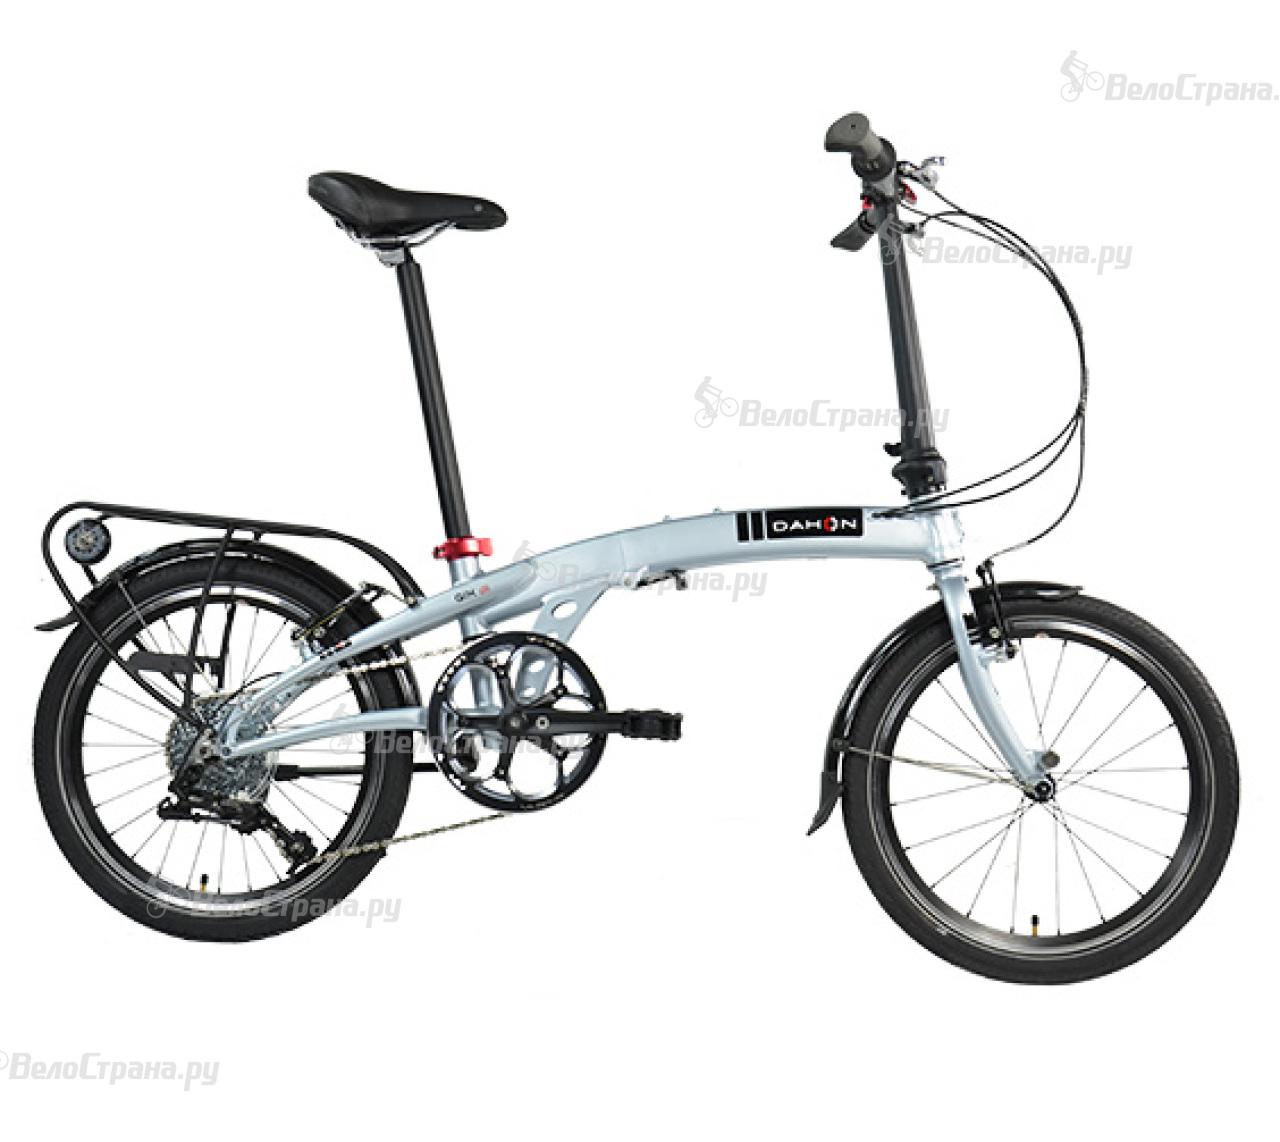 Велосипед Dahon Qix D8 (2017) велосипед dahon ciao d7 2015